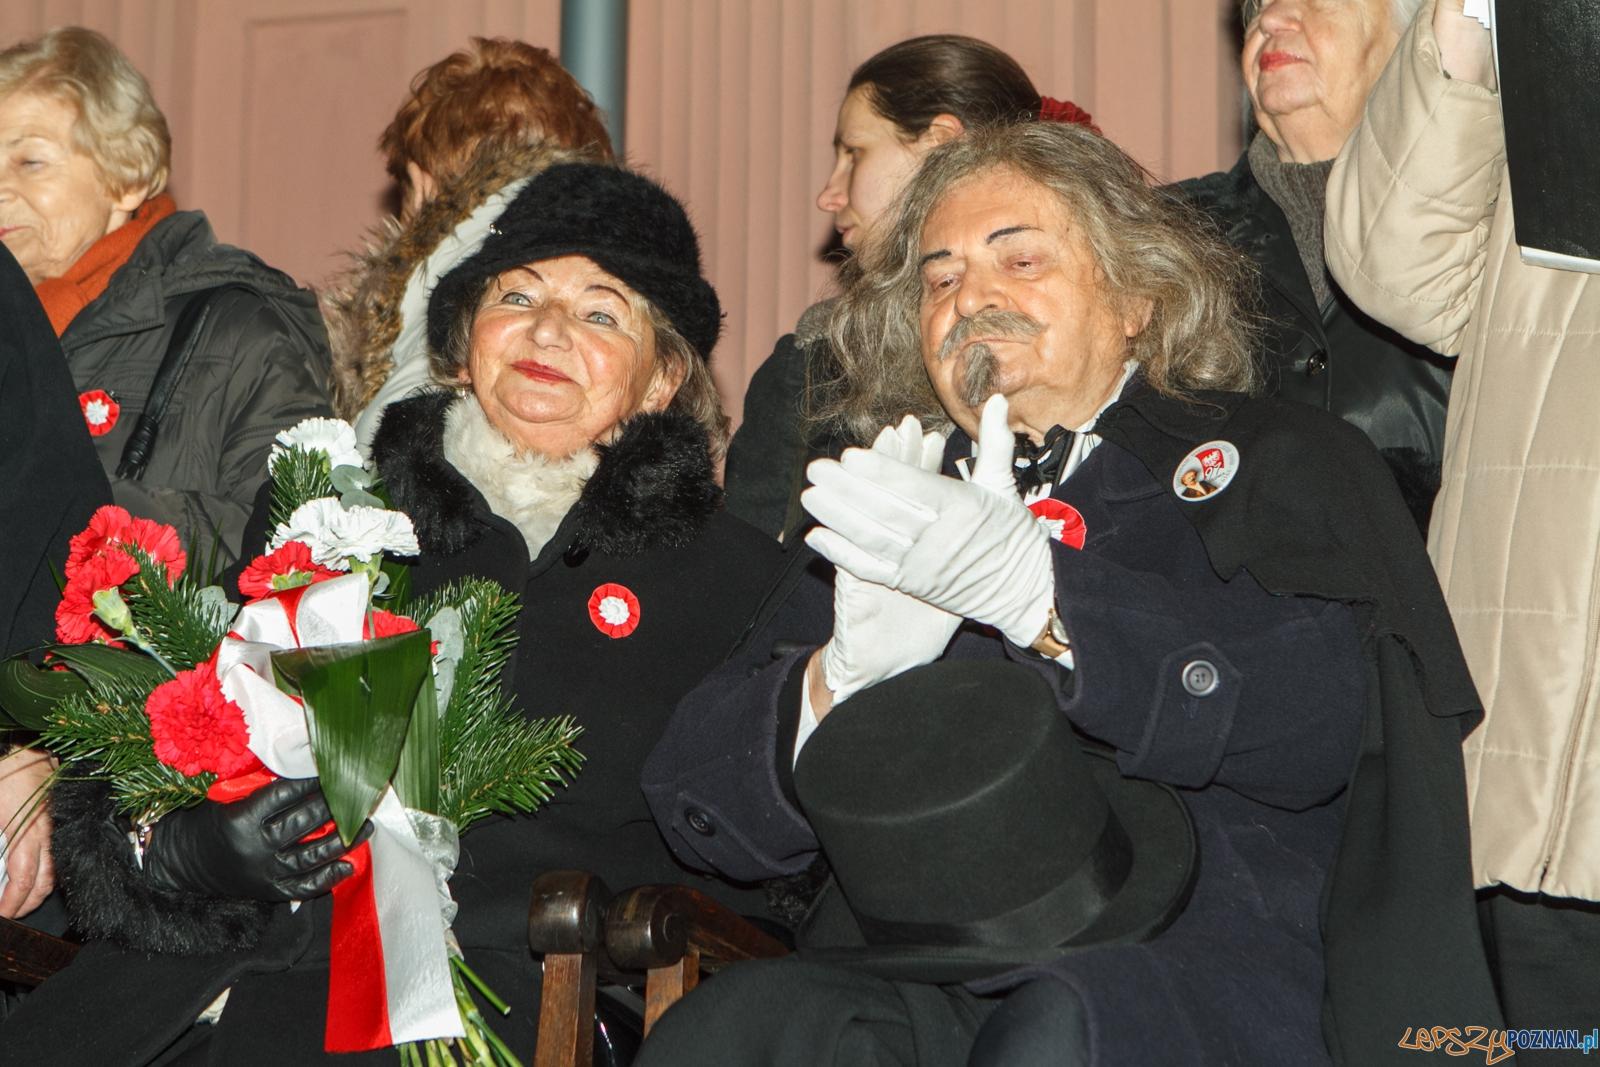 Przybycie Ignacego Jana Paderewskiego do Poznania - 26.12.2015 r  Foto: LepszyPOZNAN.pl / Paweł Rychter